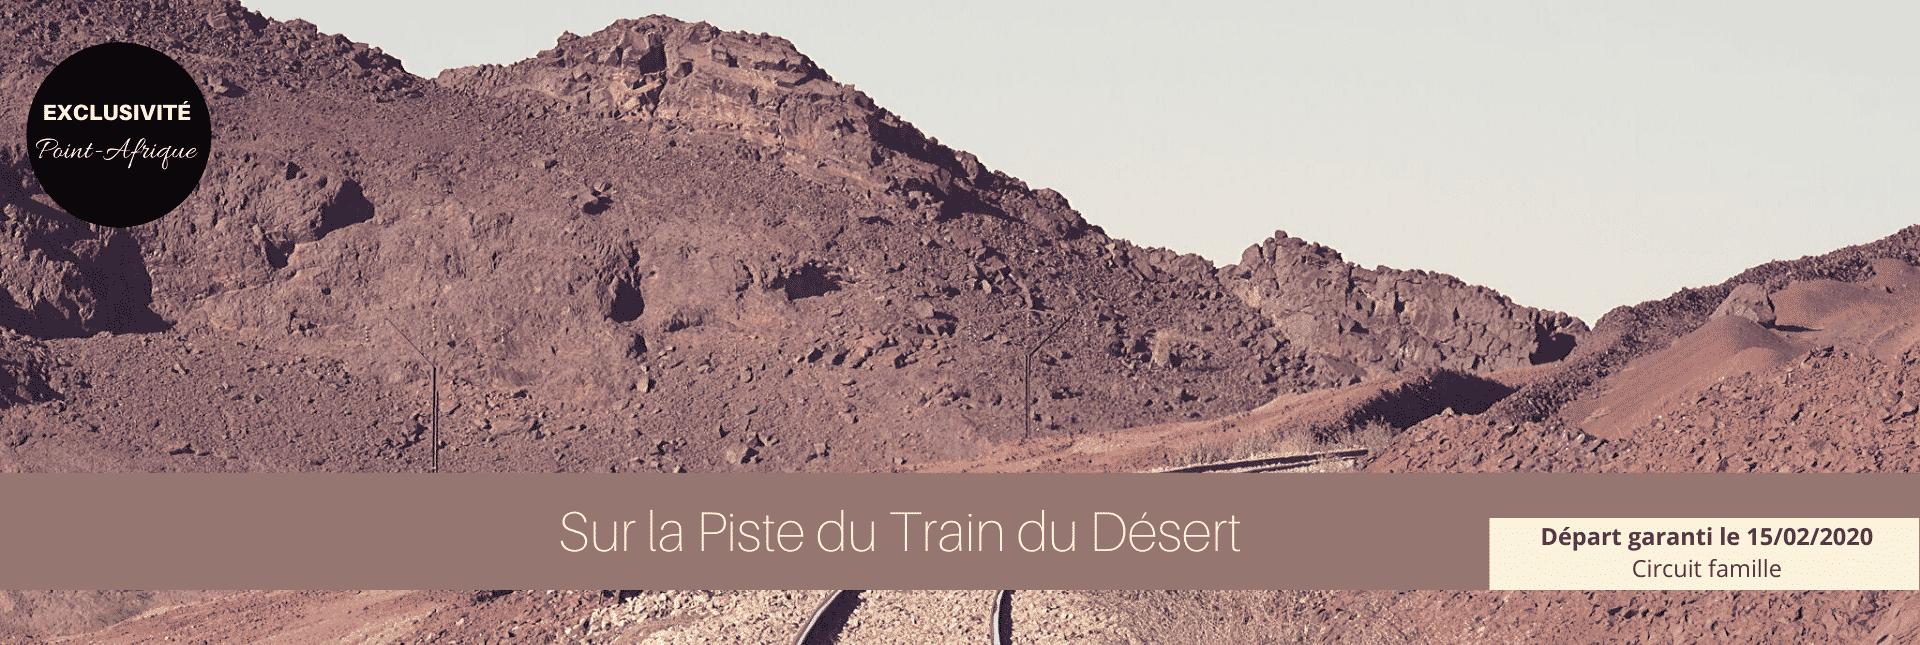 Header Rando sur la piste du Train du Désert en Mauritanie